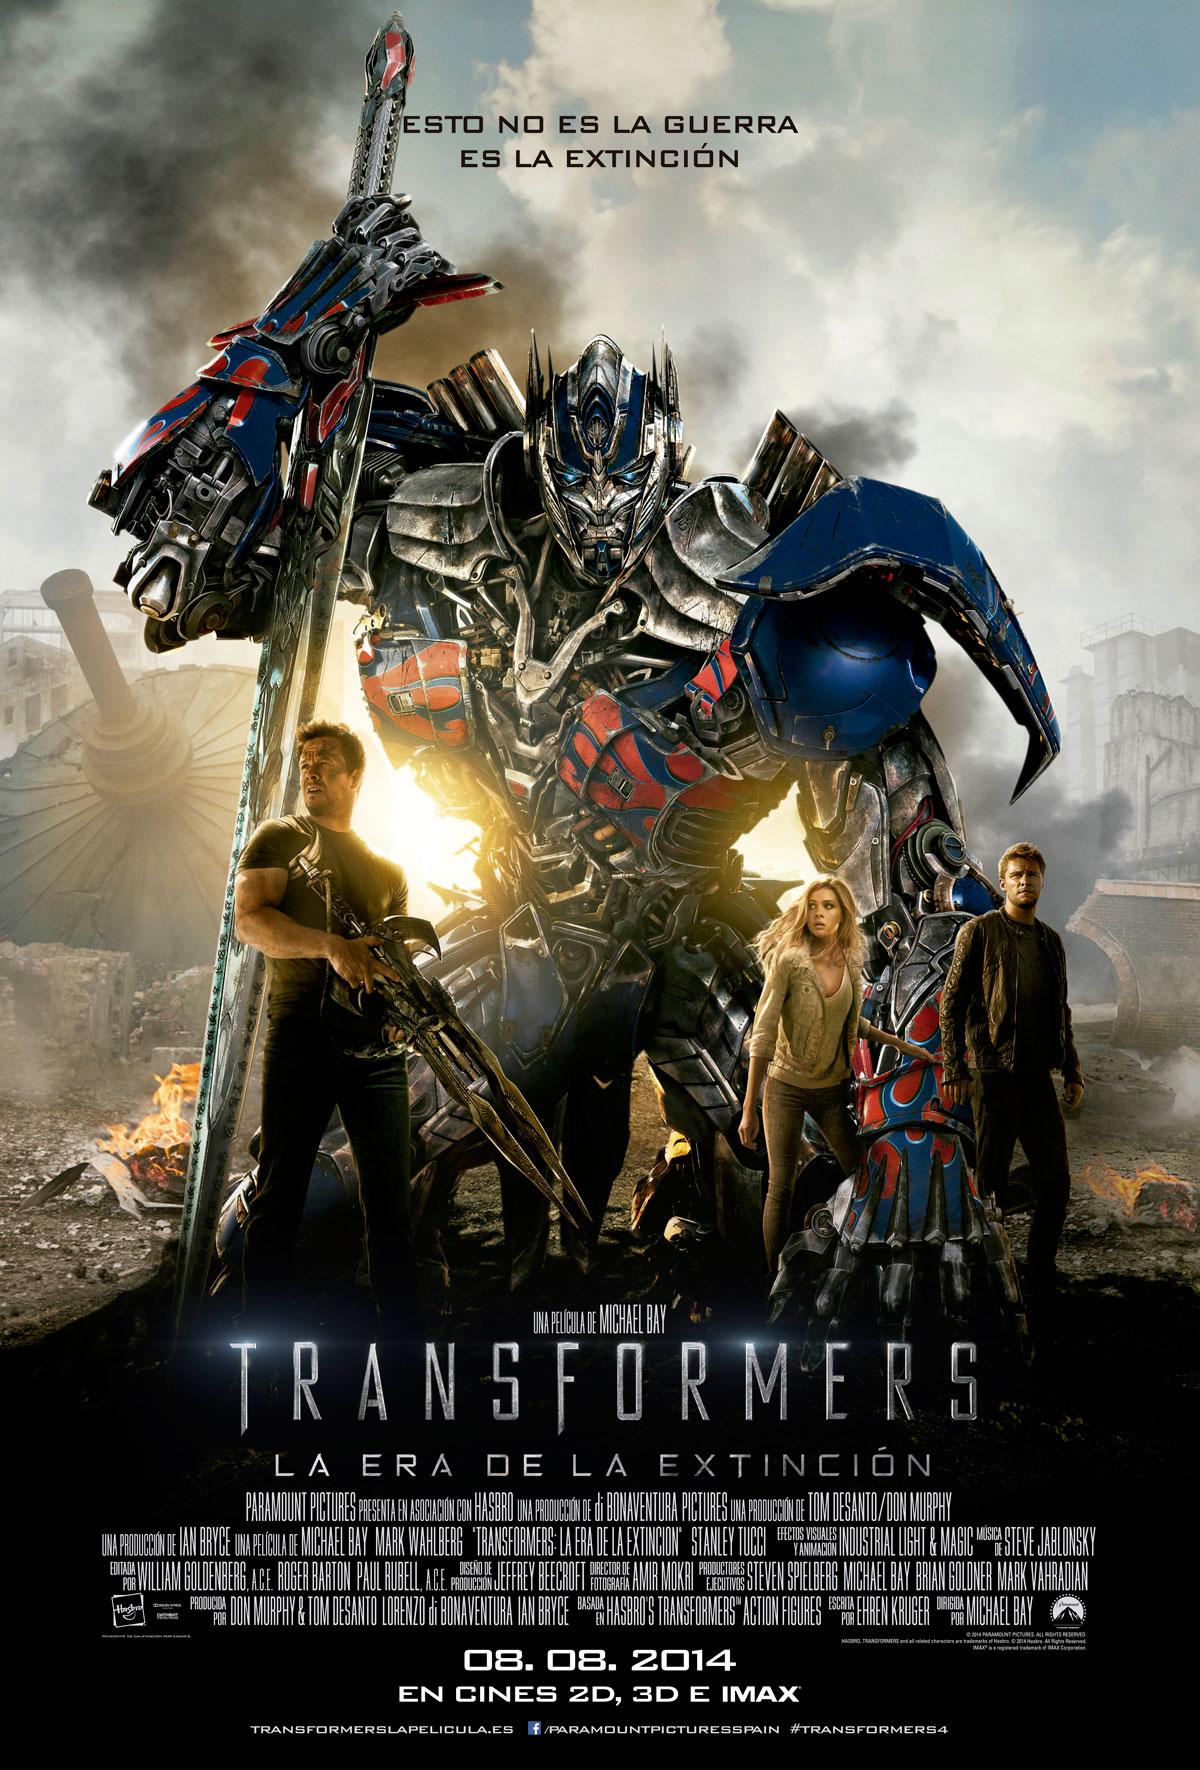 Transformers La Era De La Extinción Película 2014 Sensacinecom